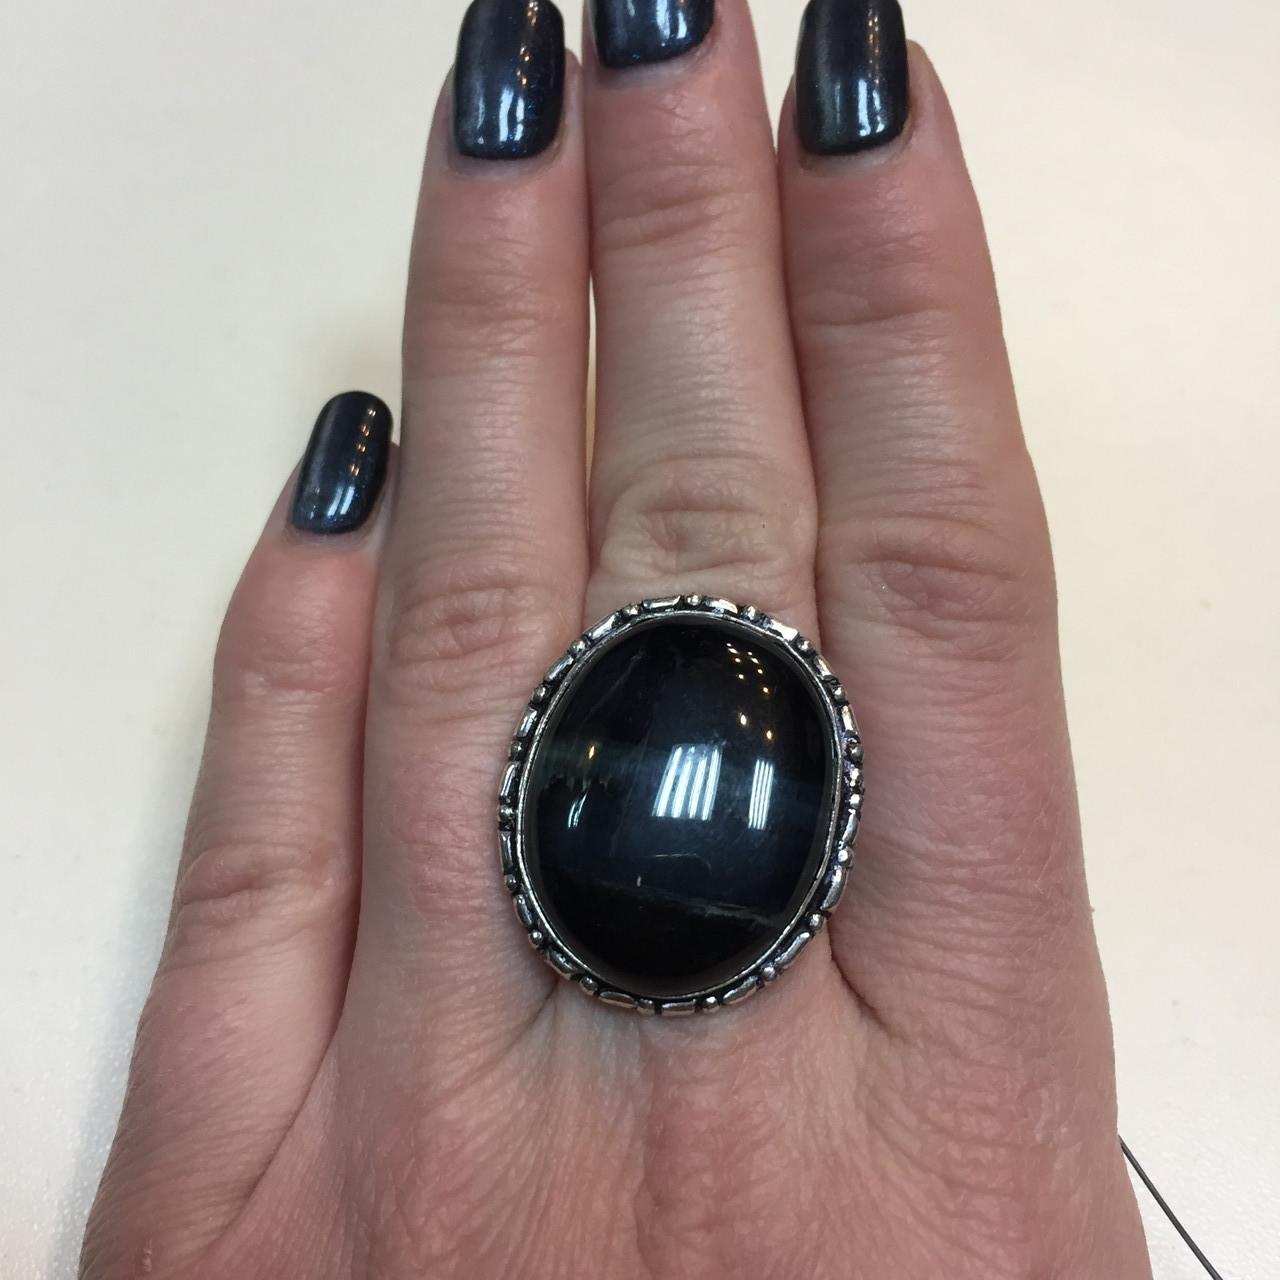 Питерсит соколиный глаз кольцо с натуральным питерситом соколиным глазом в серебре 17,5 размер Индия